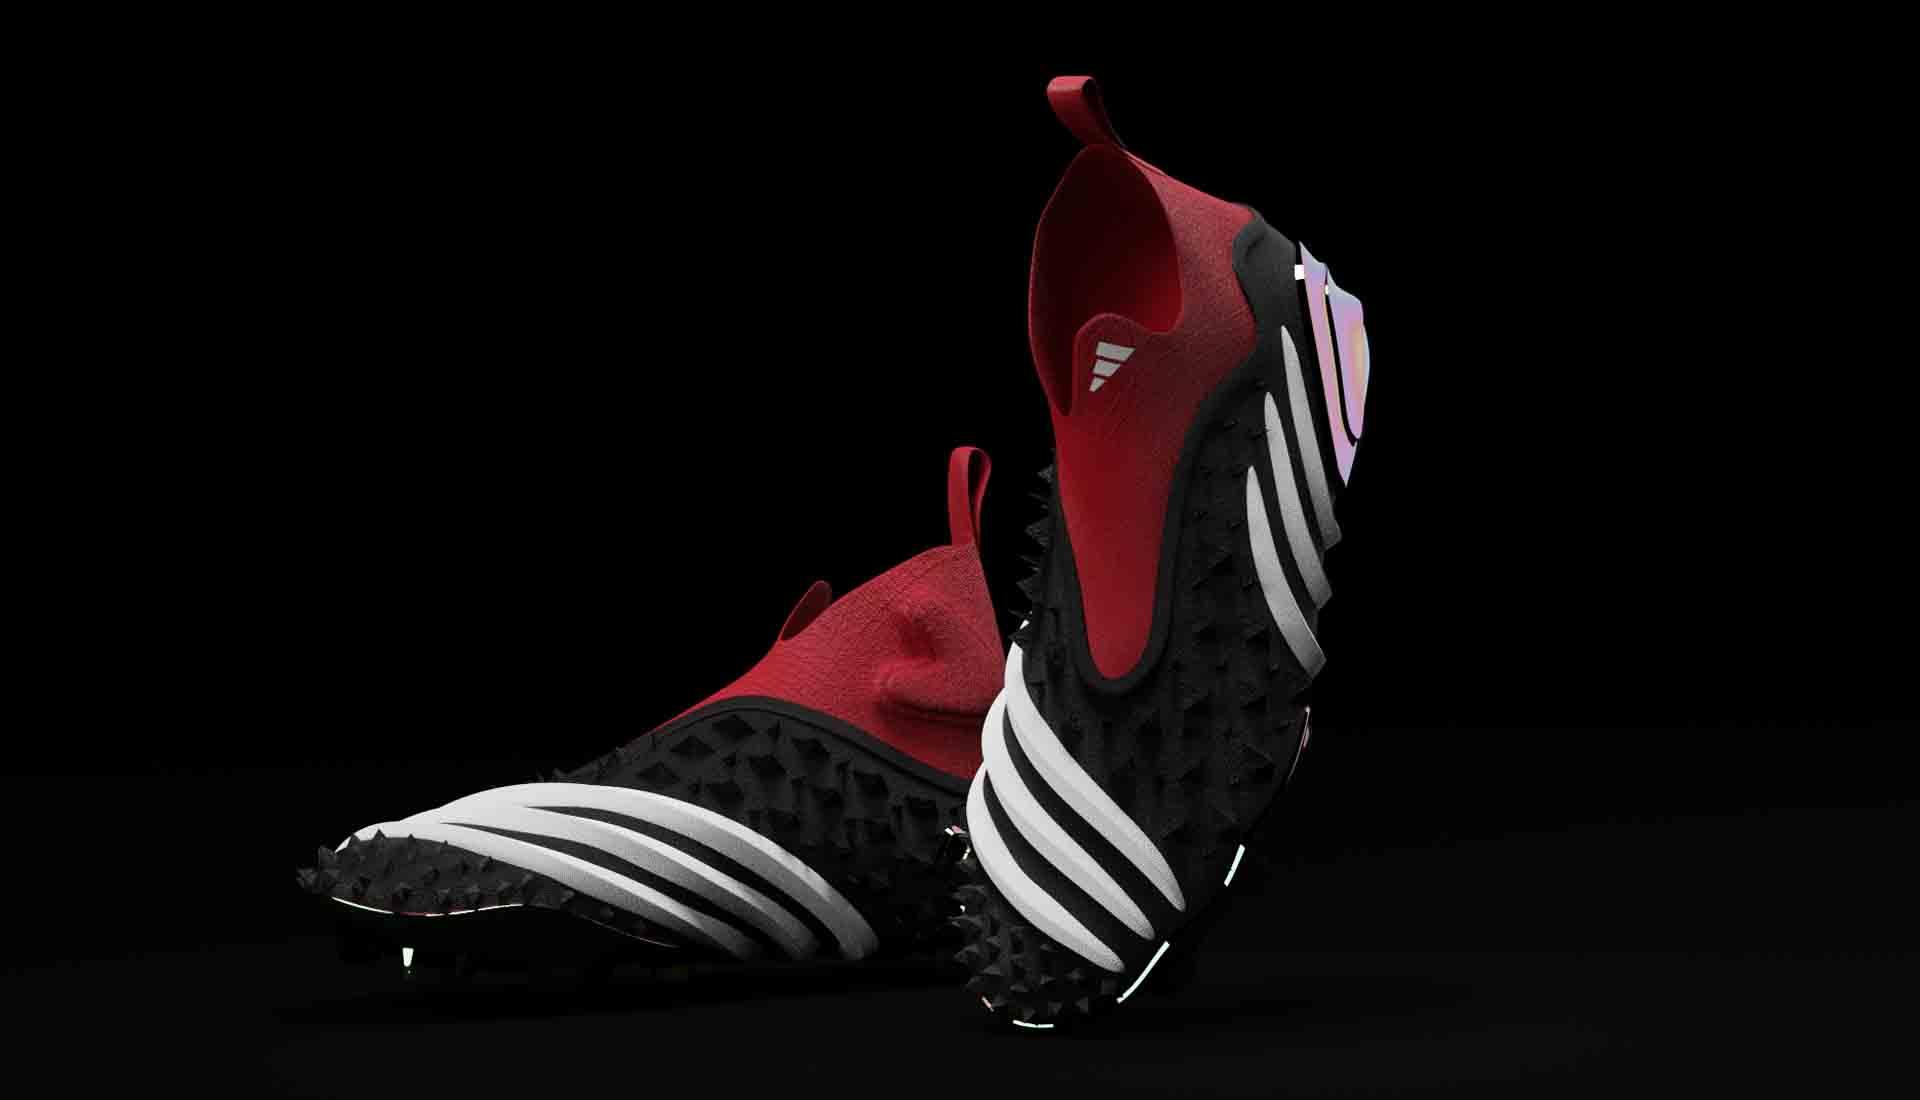 Nhà thiết kế Finn Rush-Taylor cho ra mắt concept Adidas Predator trong rất táo bạo